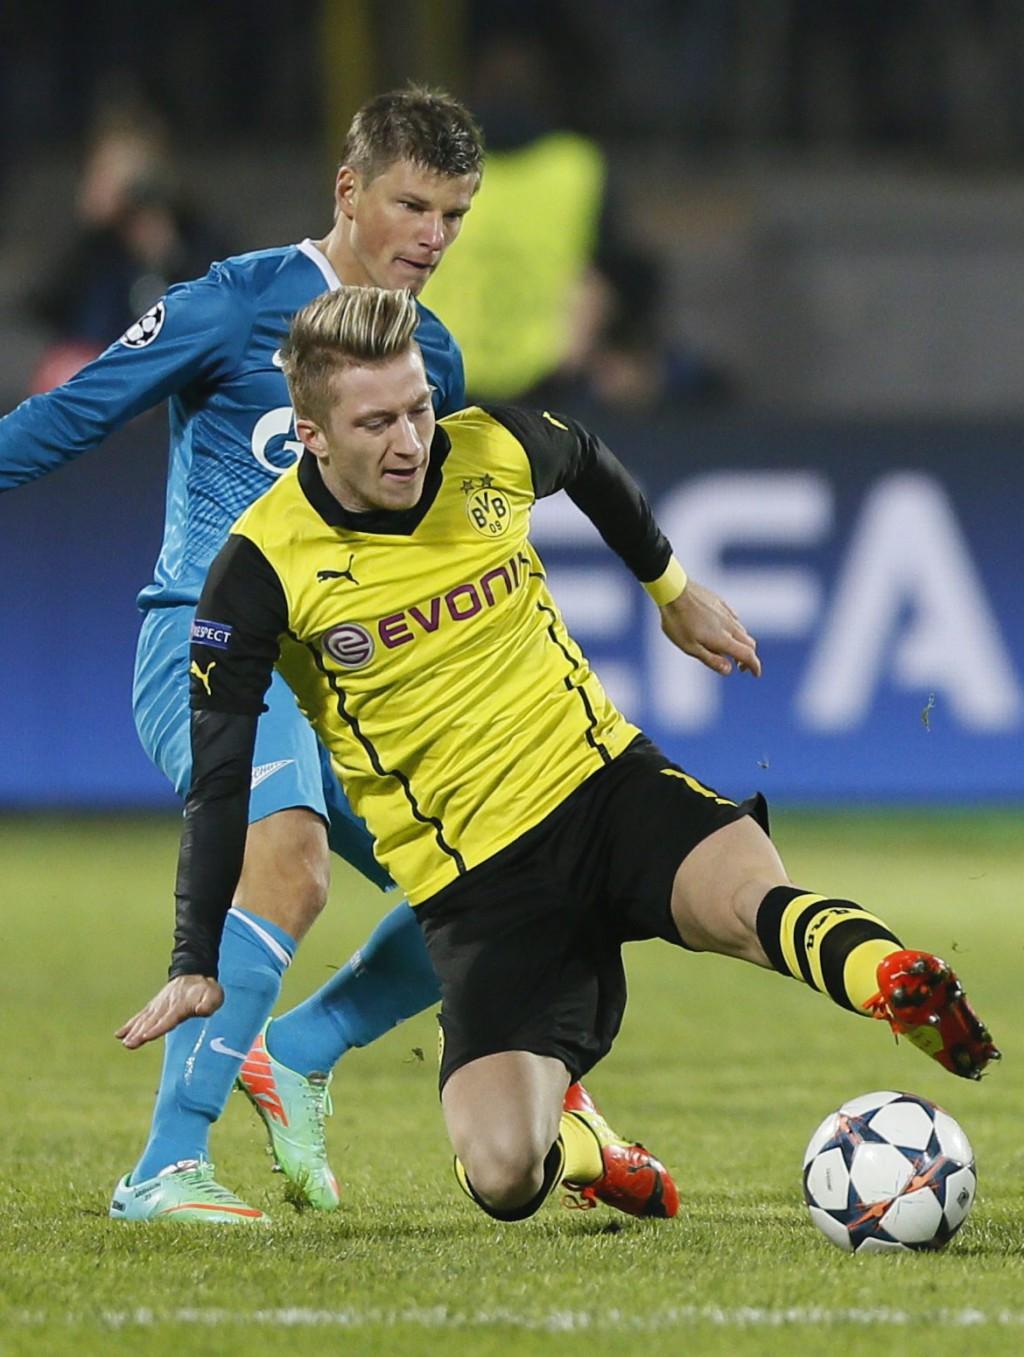 Марко Ройс е в основата на добрите игри на клубния си тим: Борусия (Дортмунд)